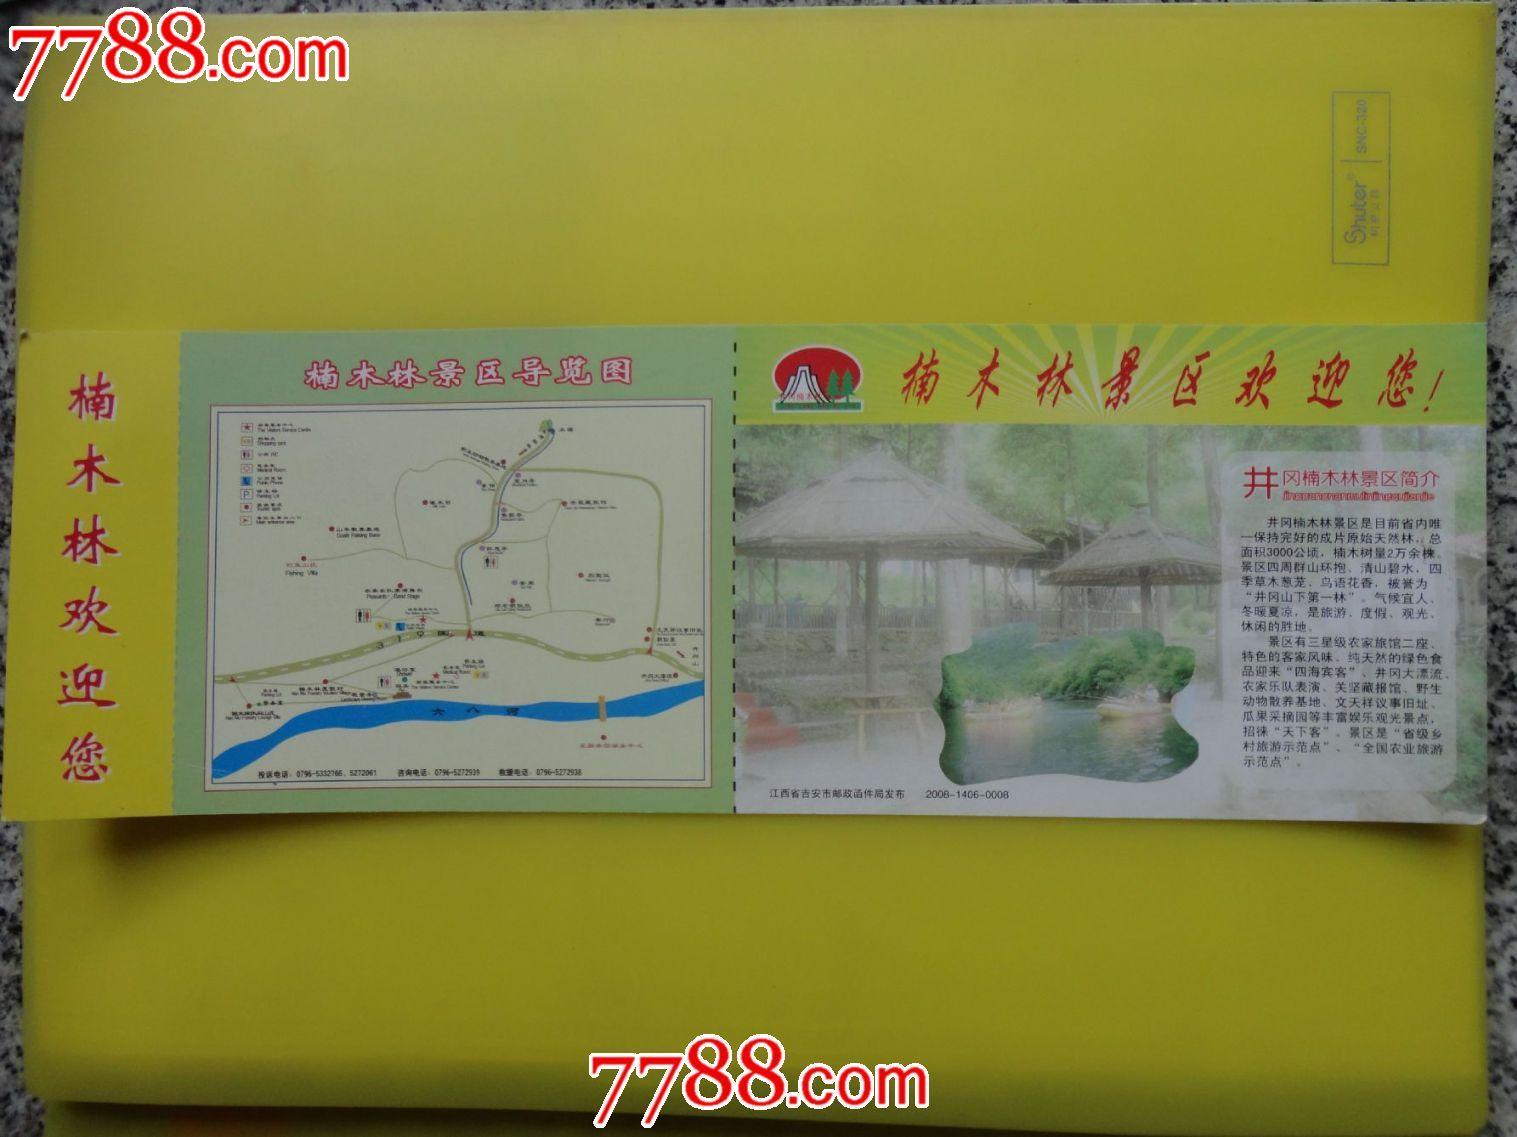 井冈楠木林景区_旅游景点门票_大众收藏【7788收藏